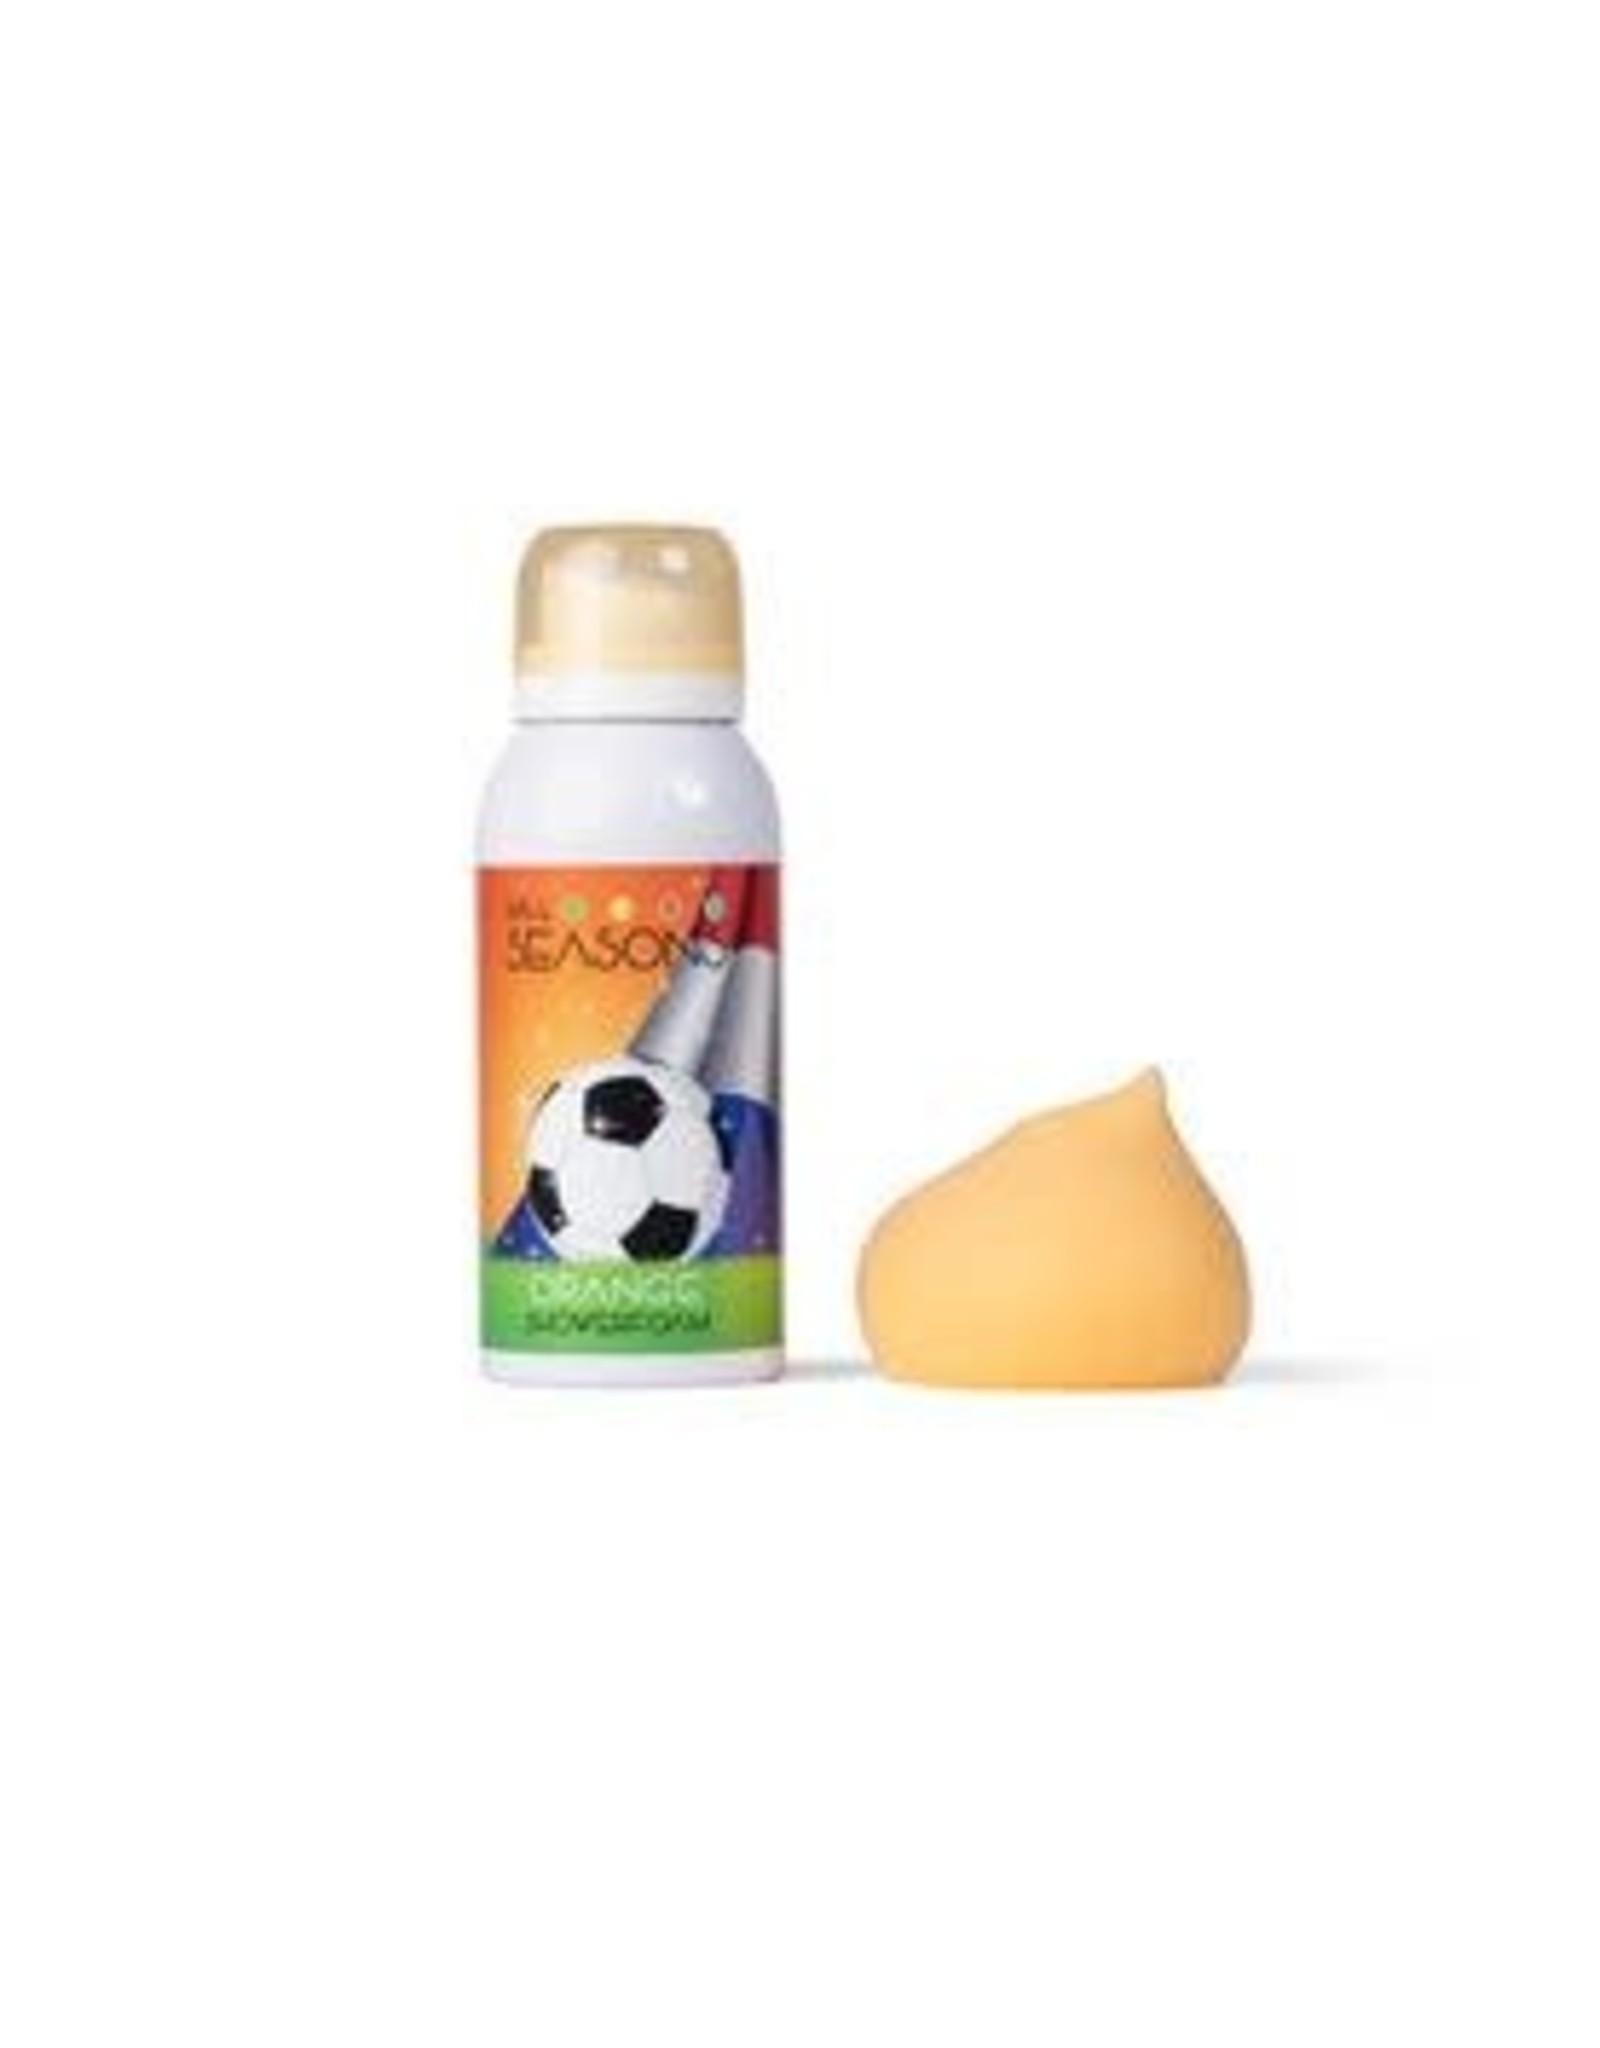 4all seasons Showerfoam orange voetbal 100ml